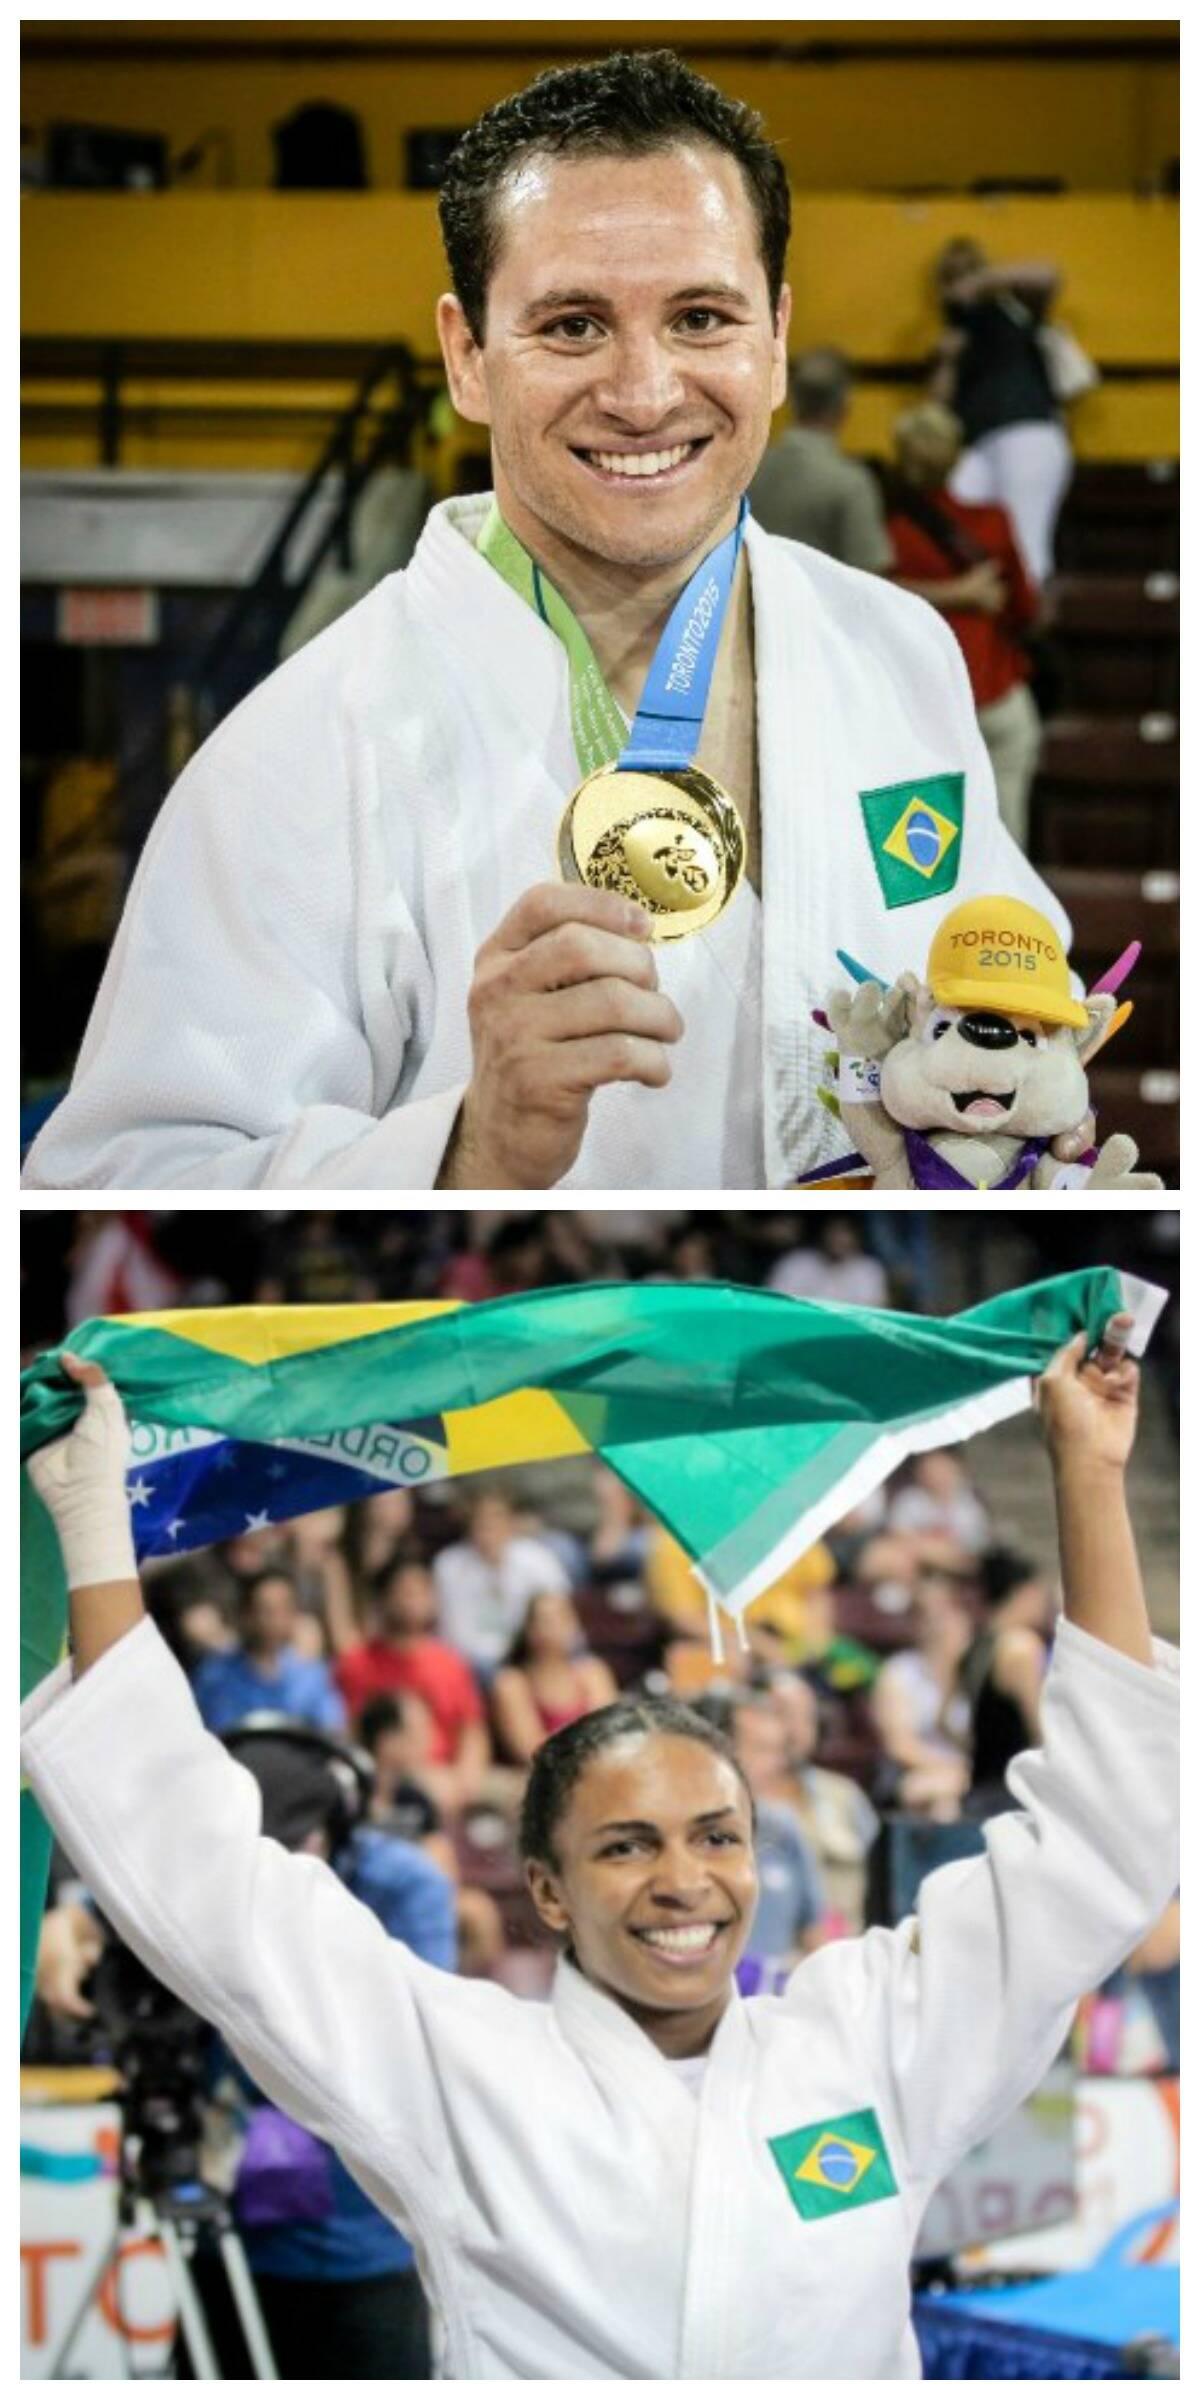 Os judocas Tiago Camilo e Erika Miranda: respectivamente sargentos do Exército e da Marinha/ Foto: divulgação